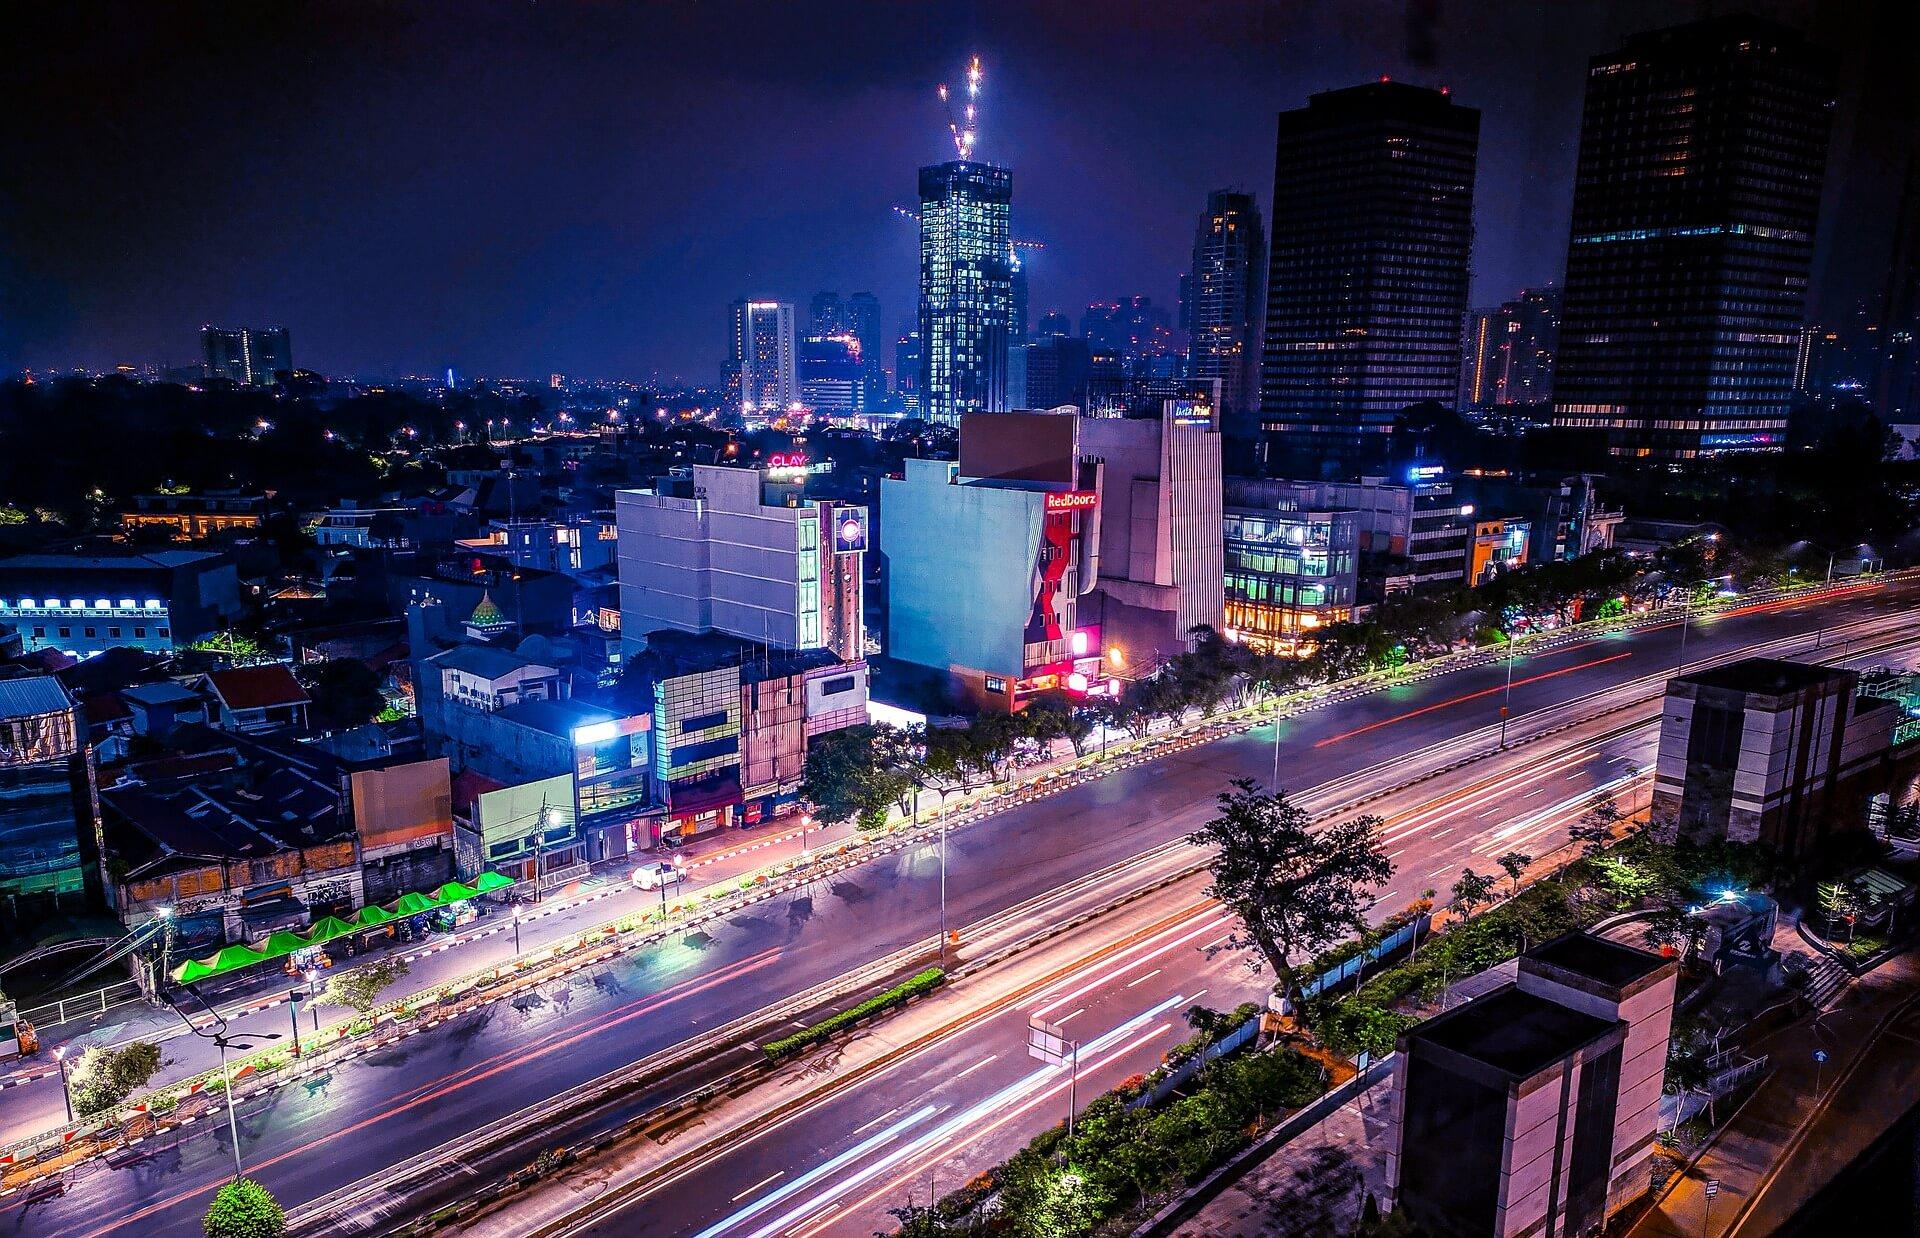 【2020年版】インドネシア経済の最新状況 | 通年GDP成長率が-1.7%〜 / 世界銀行が上位中所得国に引き上げ…ほか